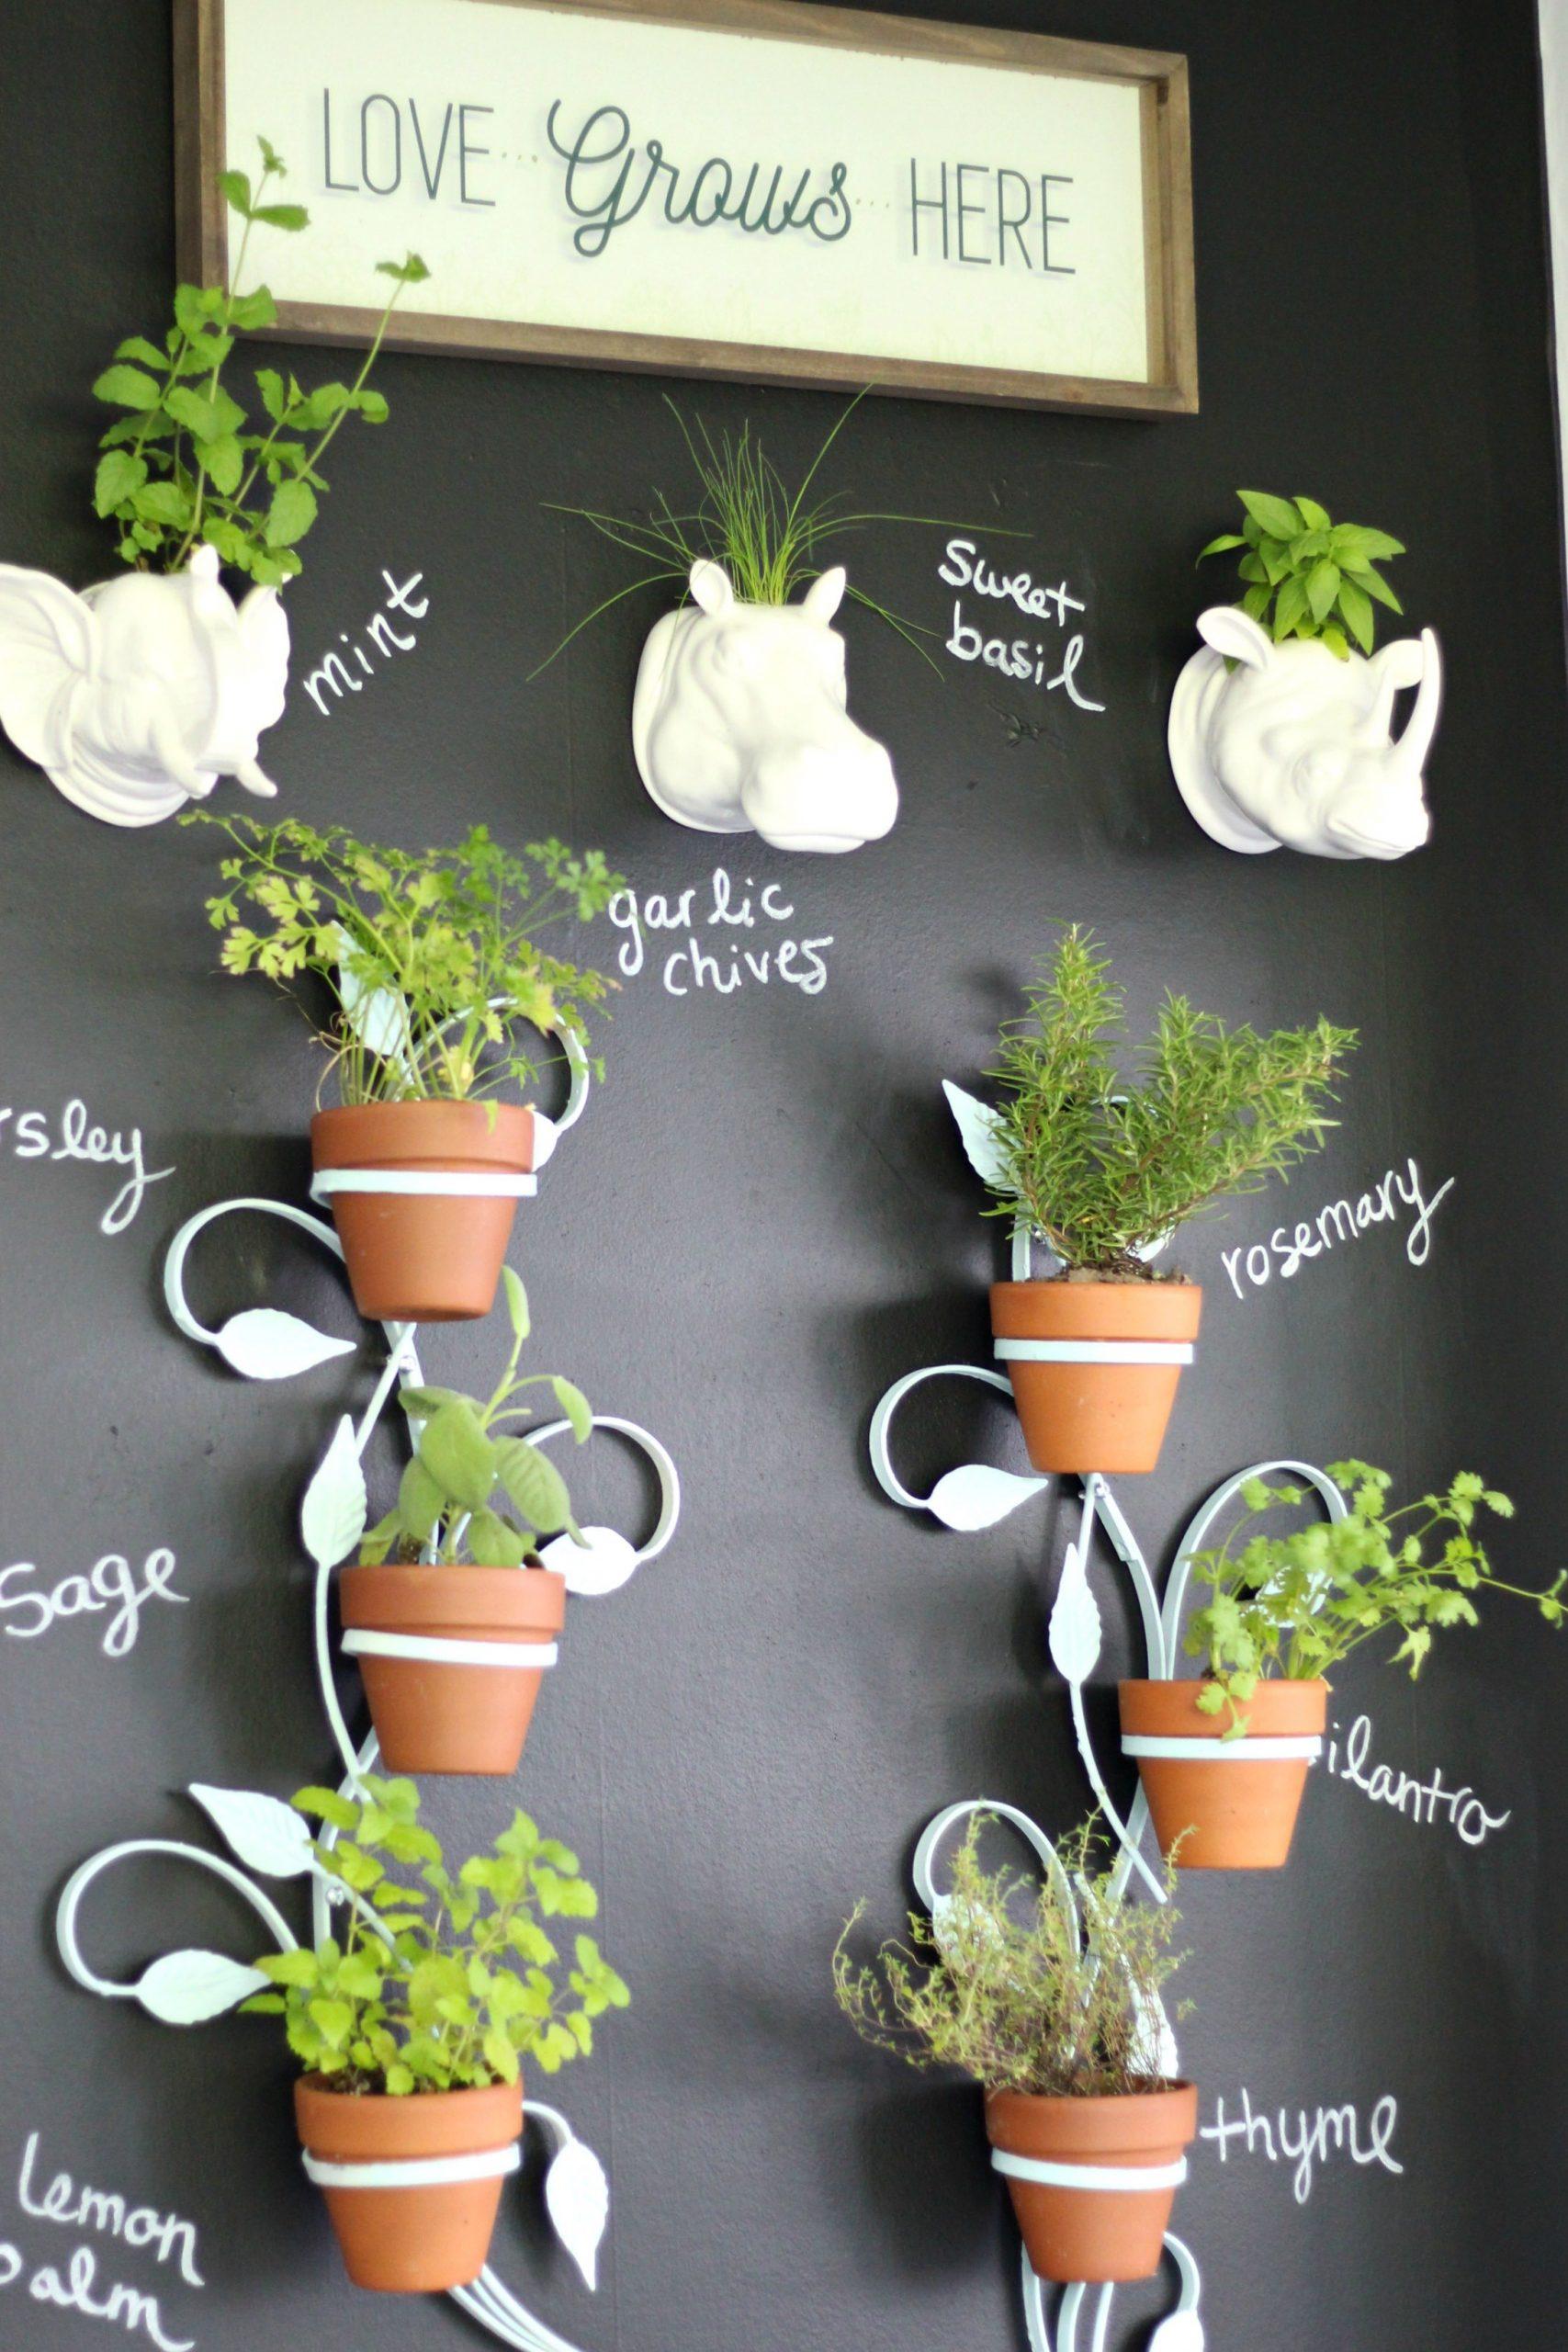 Pots on a board